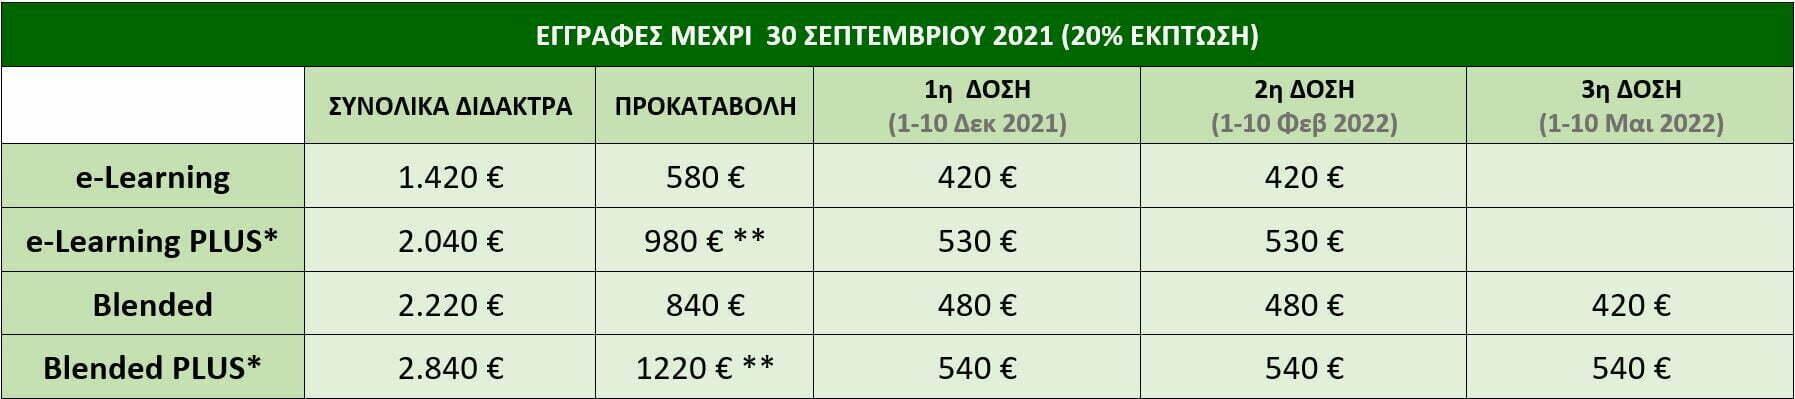 pinakas didaktrwn sports nutrition plus 2021 e1633090542658